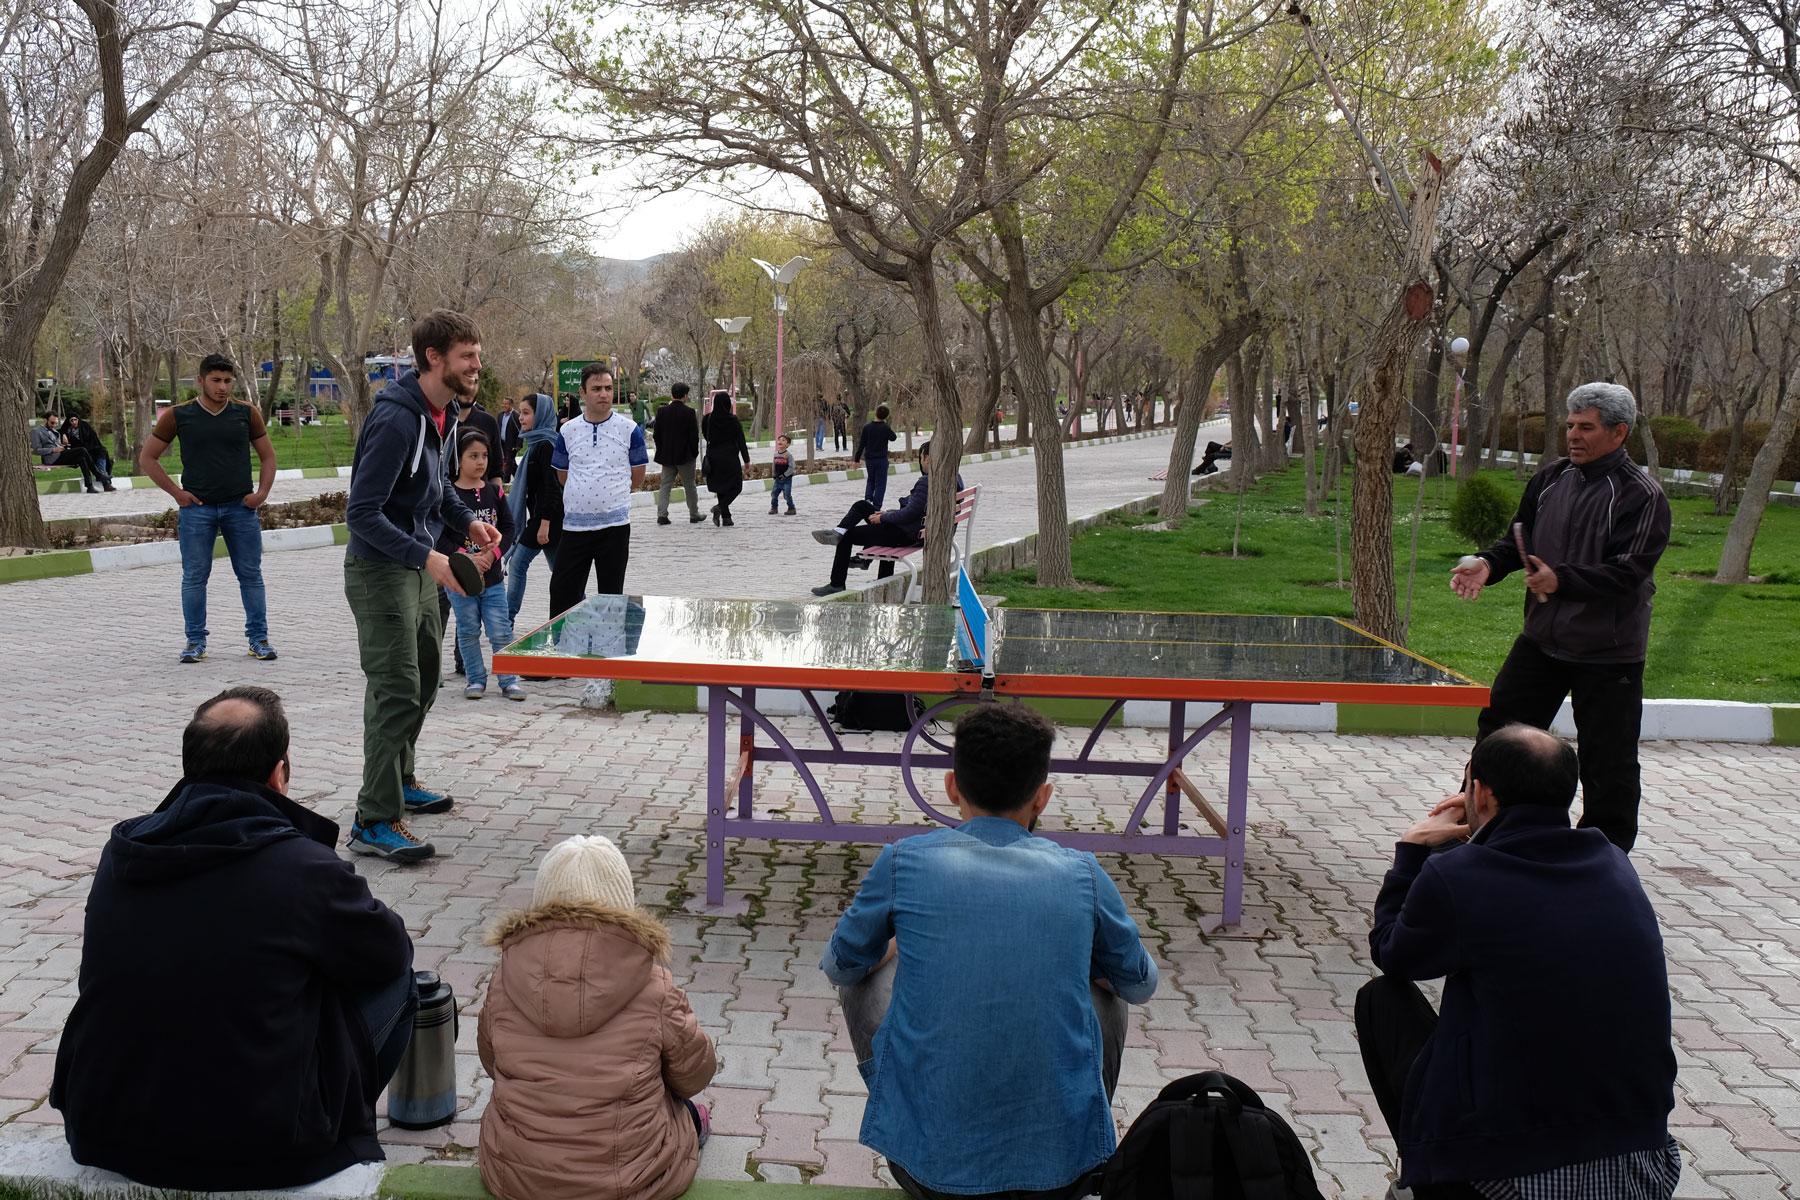 Sebastian spielt im Elgoli-Park mit einem Mann Tischtennis. Einige Leute beobachten das Match.